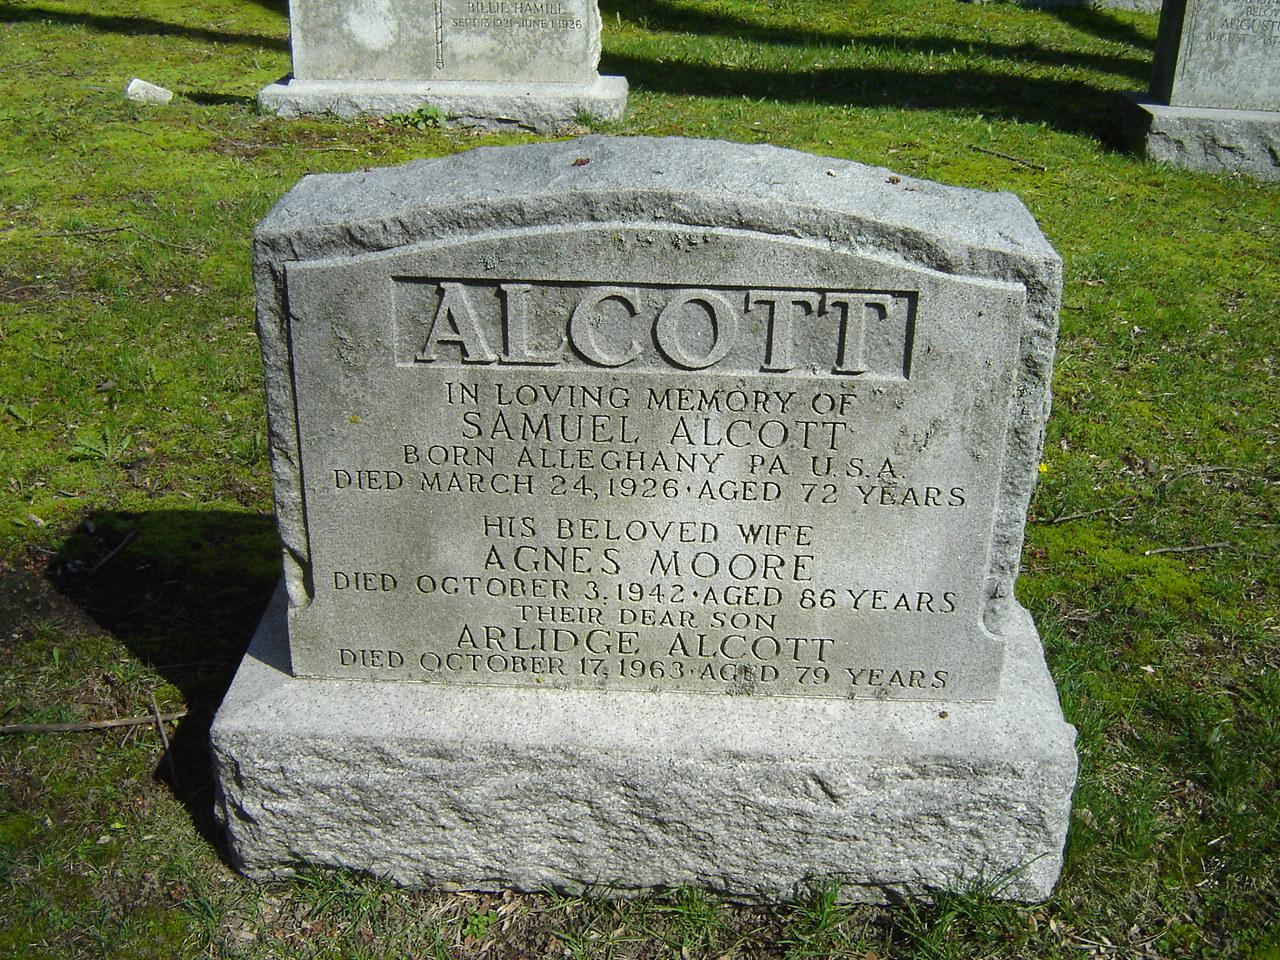 Sgt Samuel Alcott